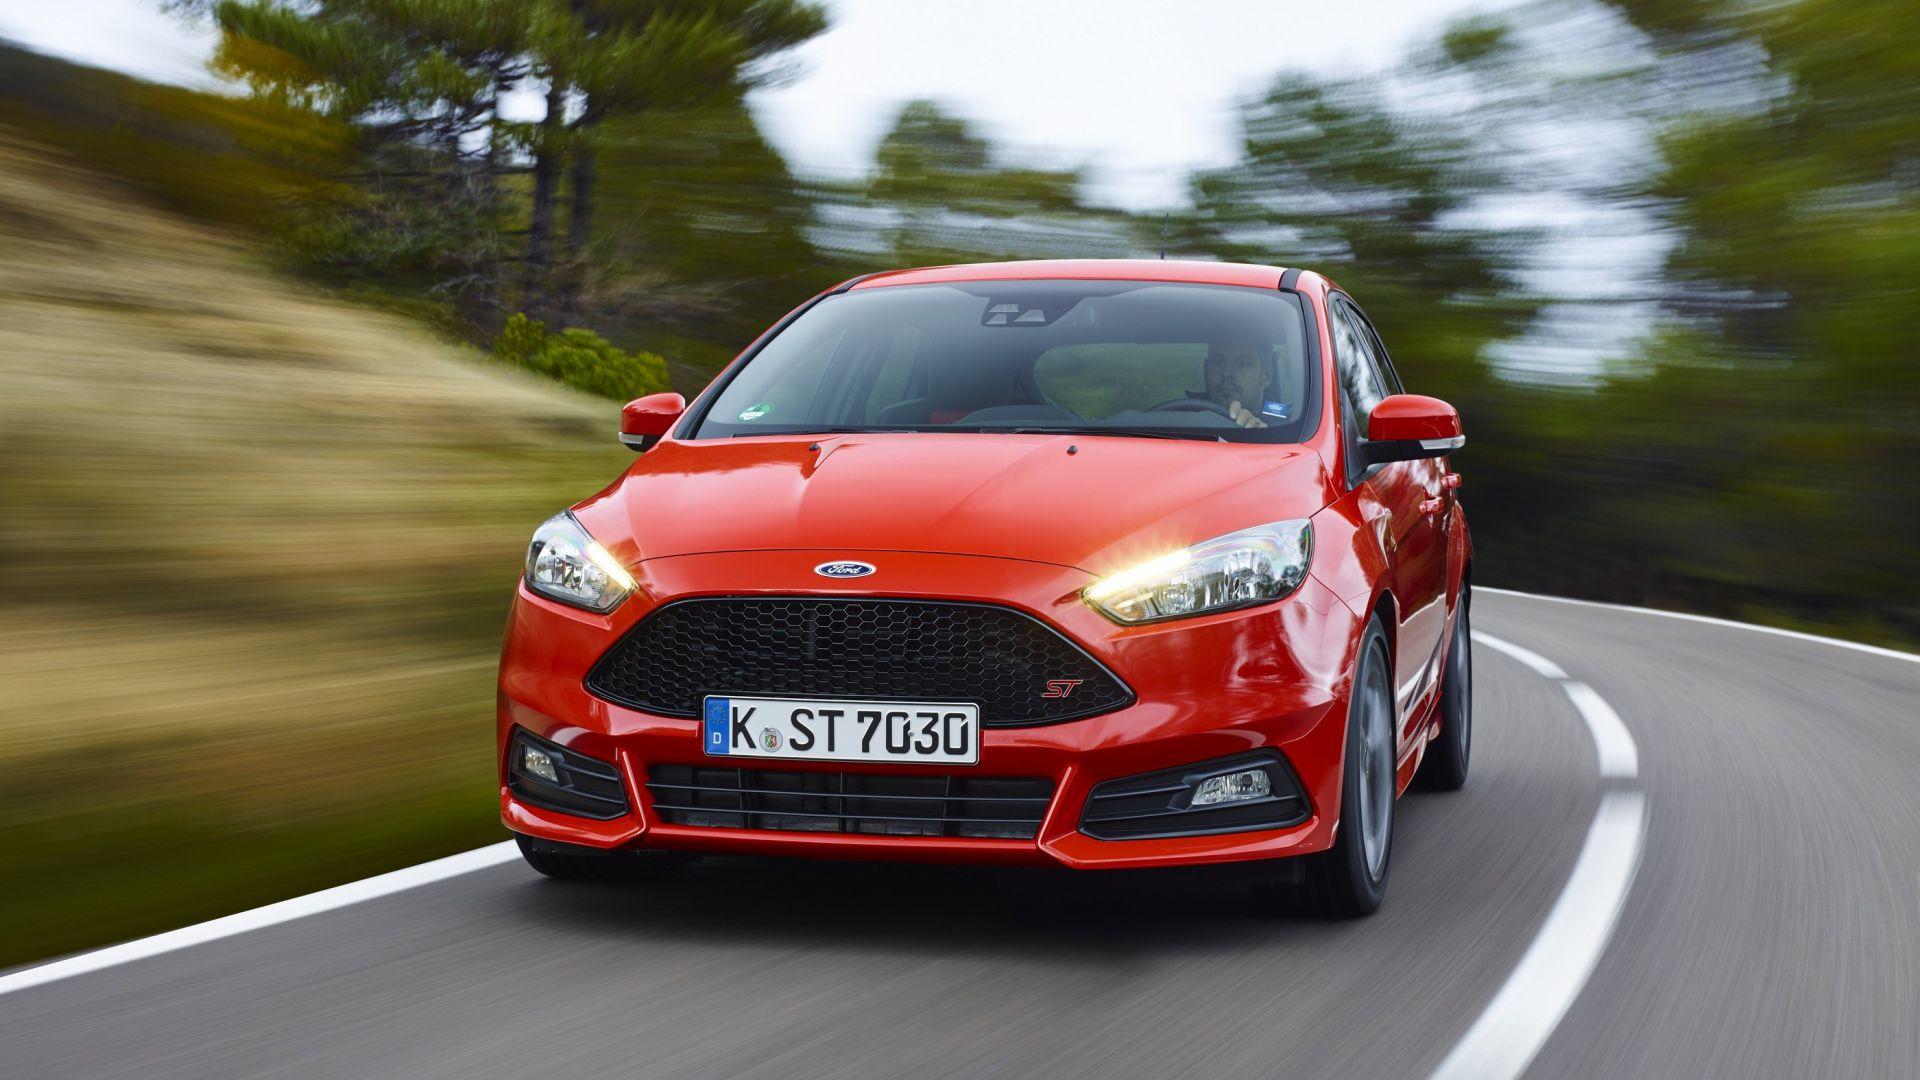 Focus St Vs Gti >> Primo contatto: Ford Focus ST - MotorBox